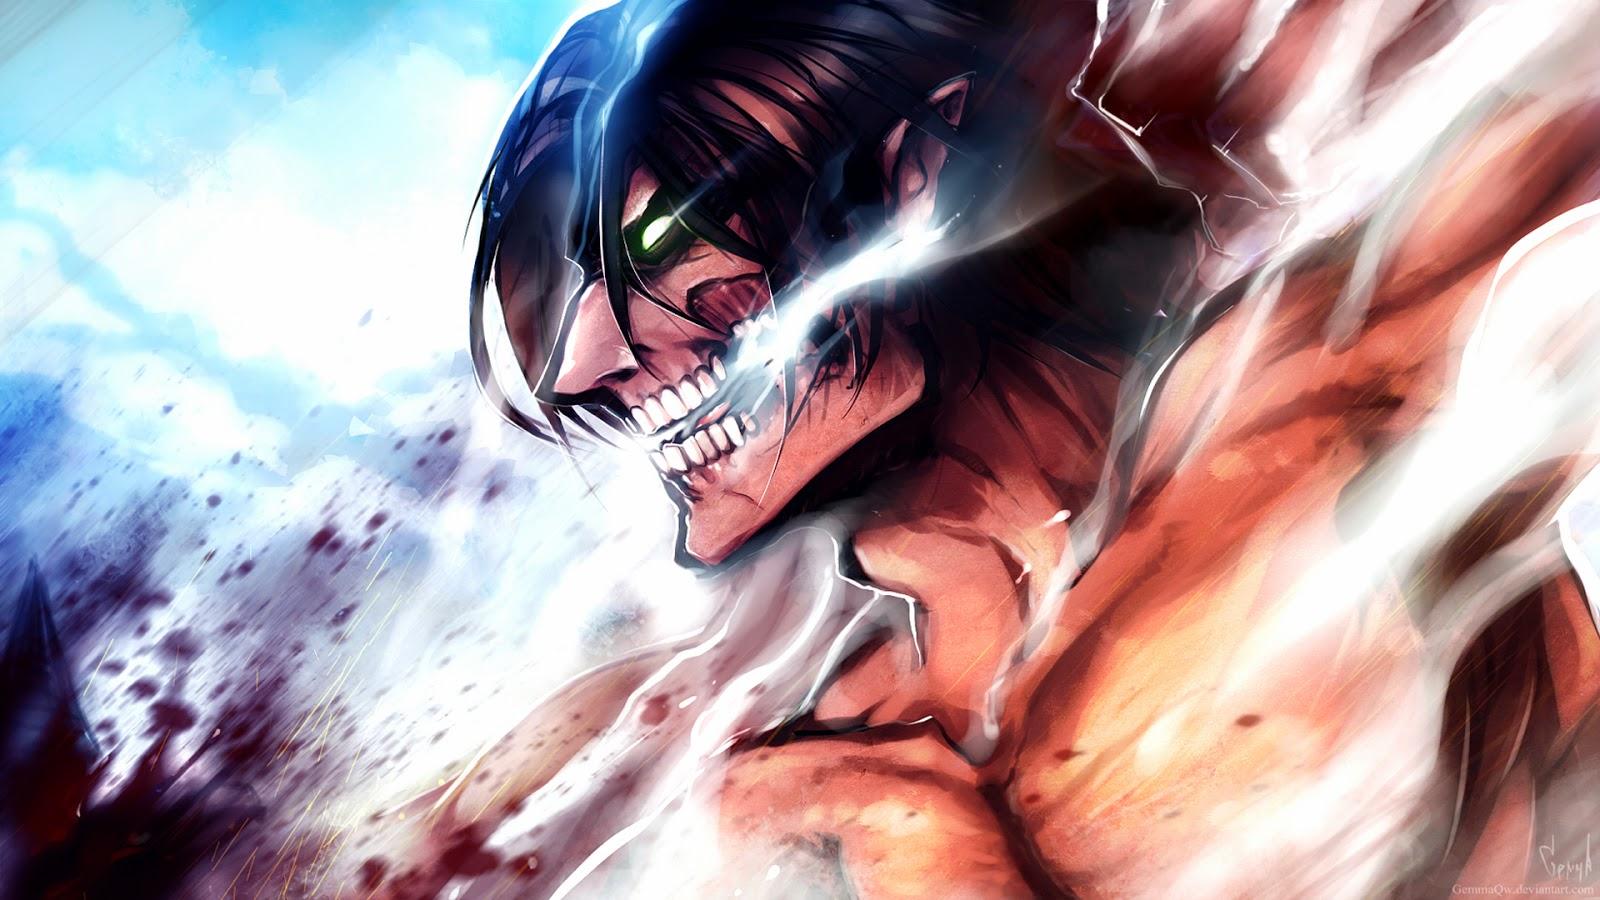 eren rogue titan anime attack on titan shingeki no kyojin c 1600x900